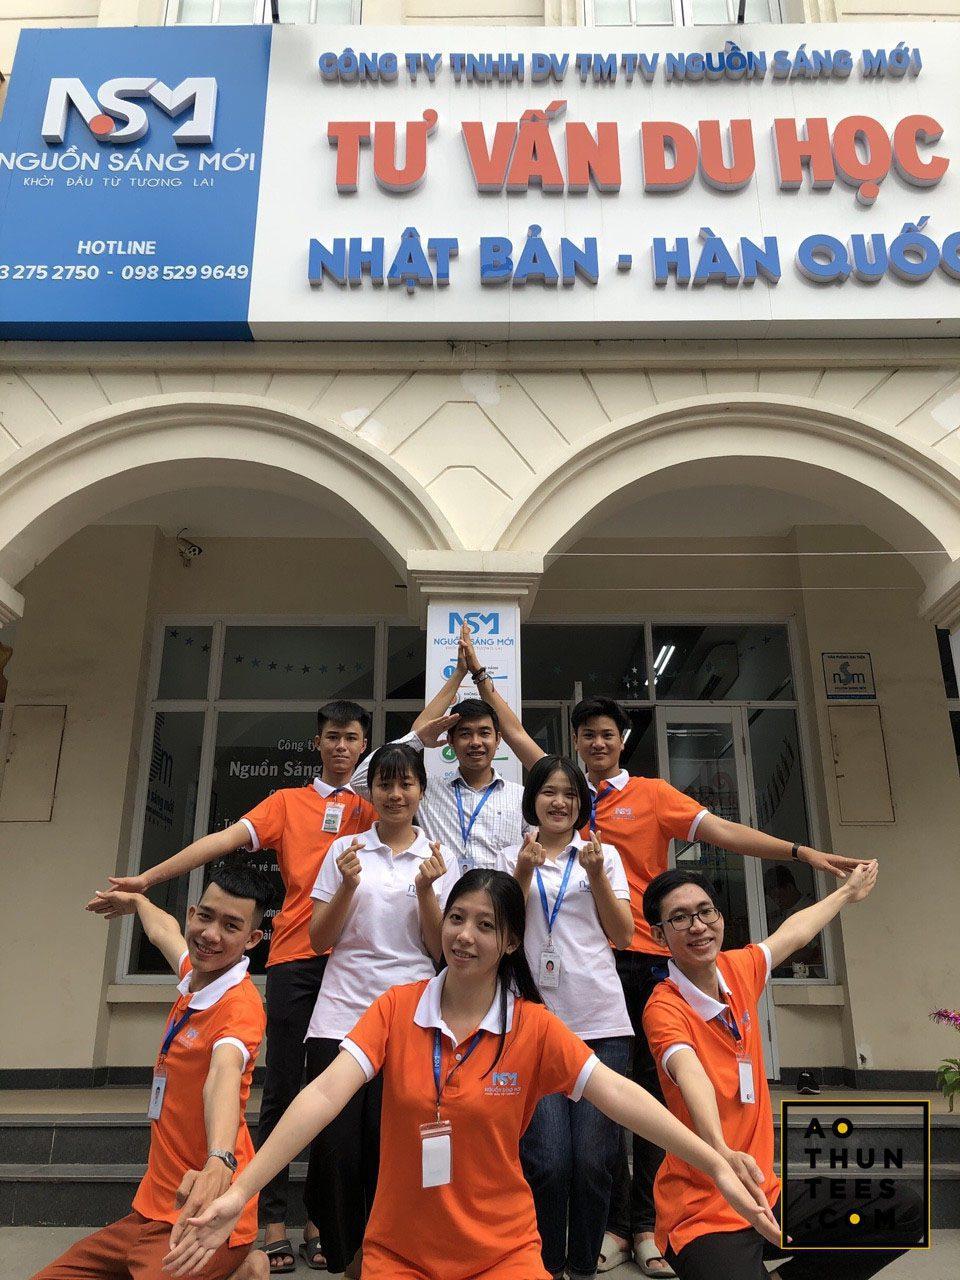 Áo thun đồng phục Công ty Nguồn sáng mới – Du học Nhật Bản